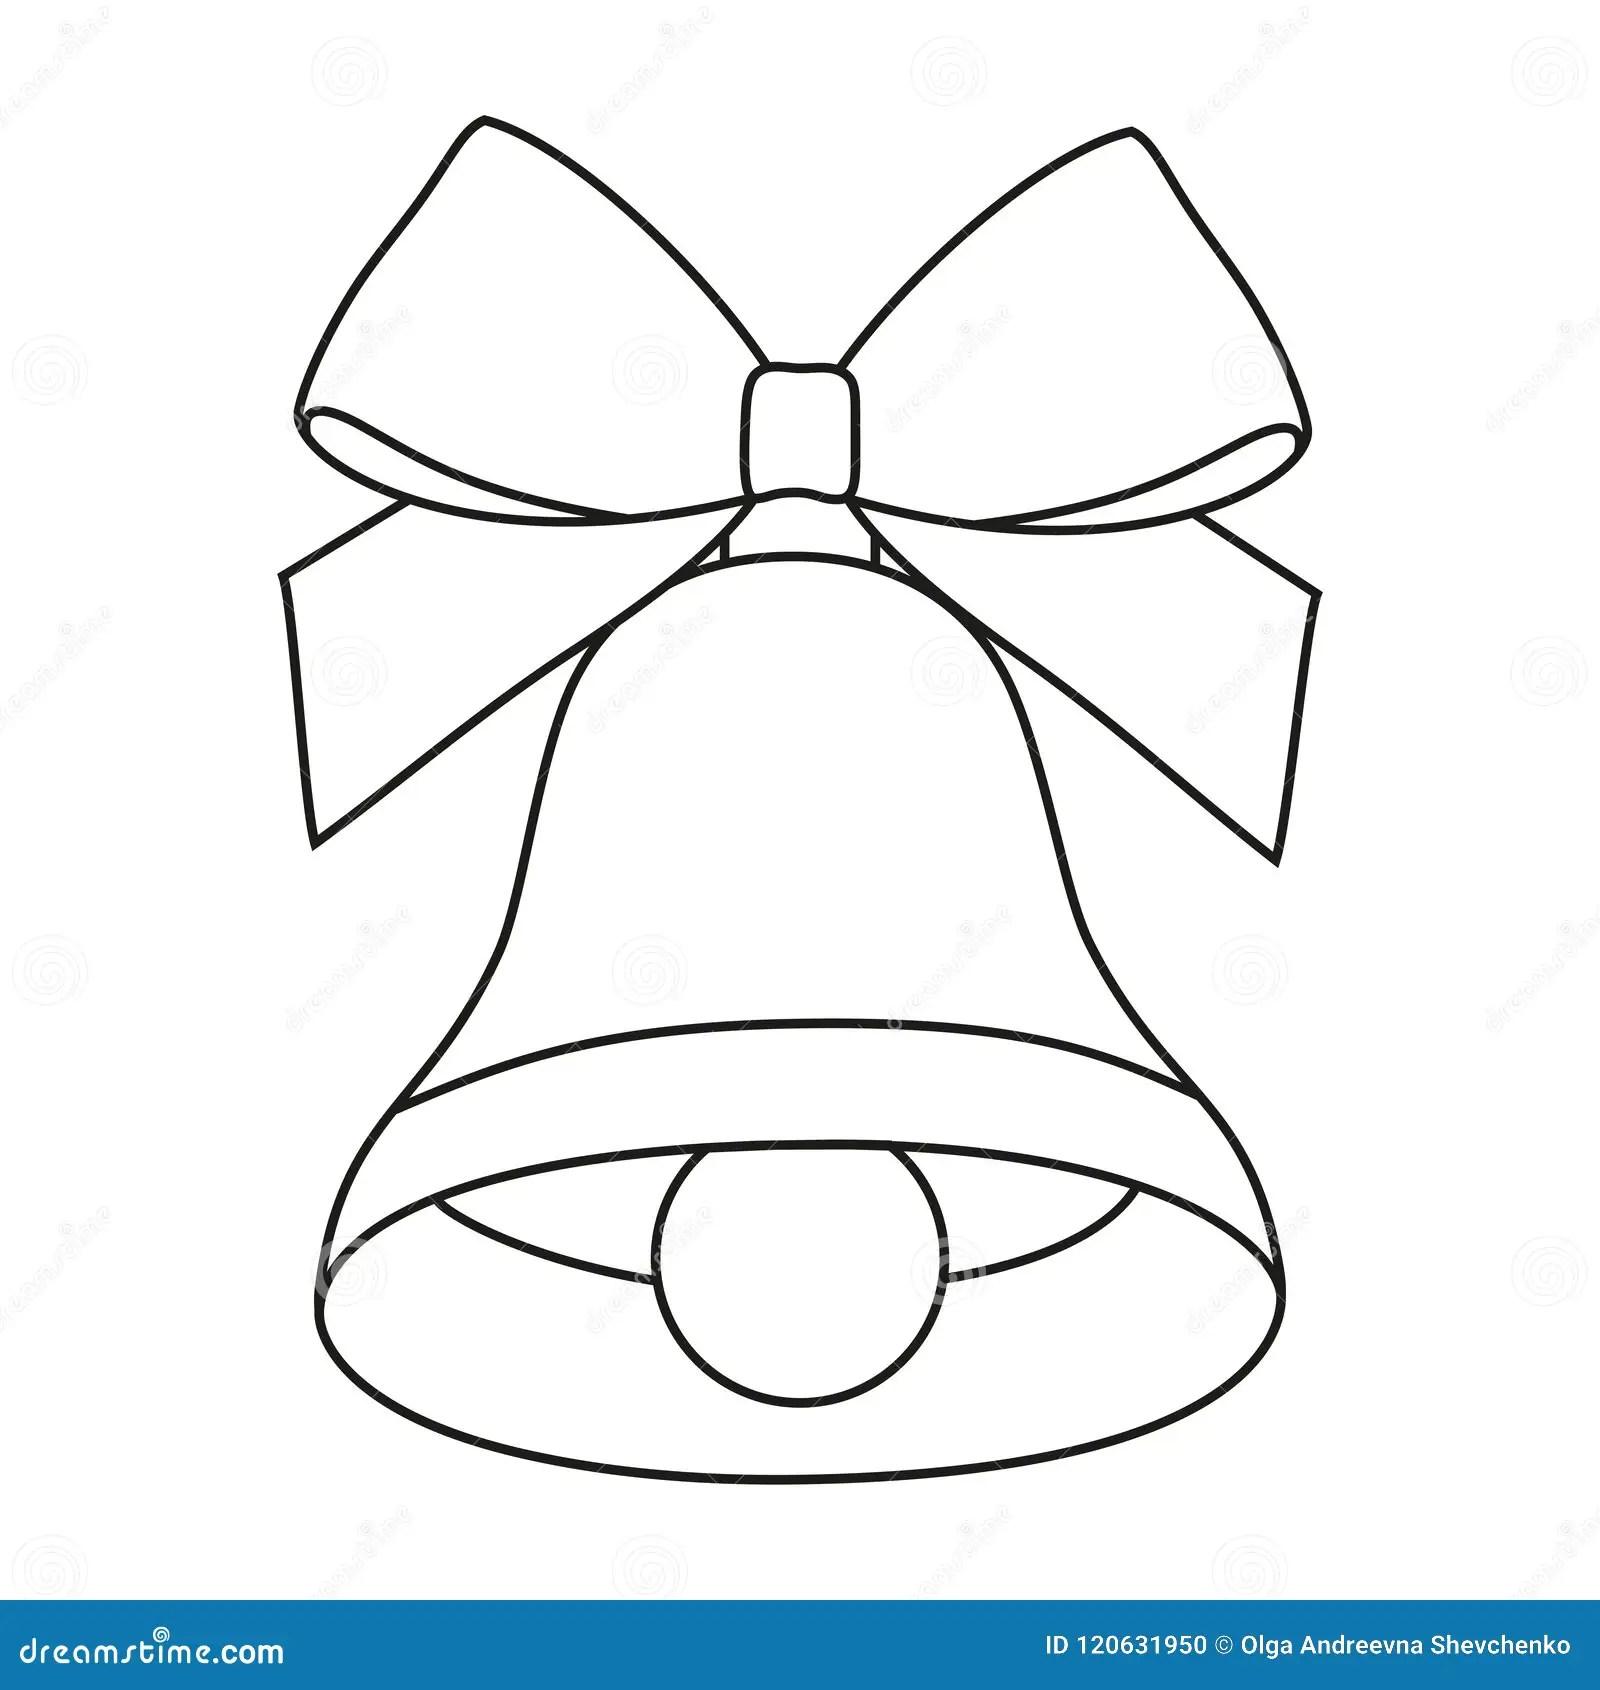 Line Art Black And White Bell Stock Vector